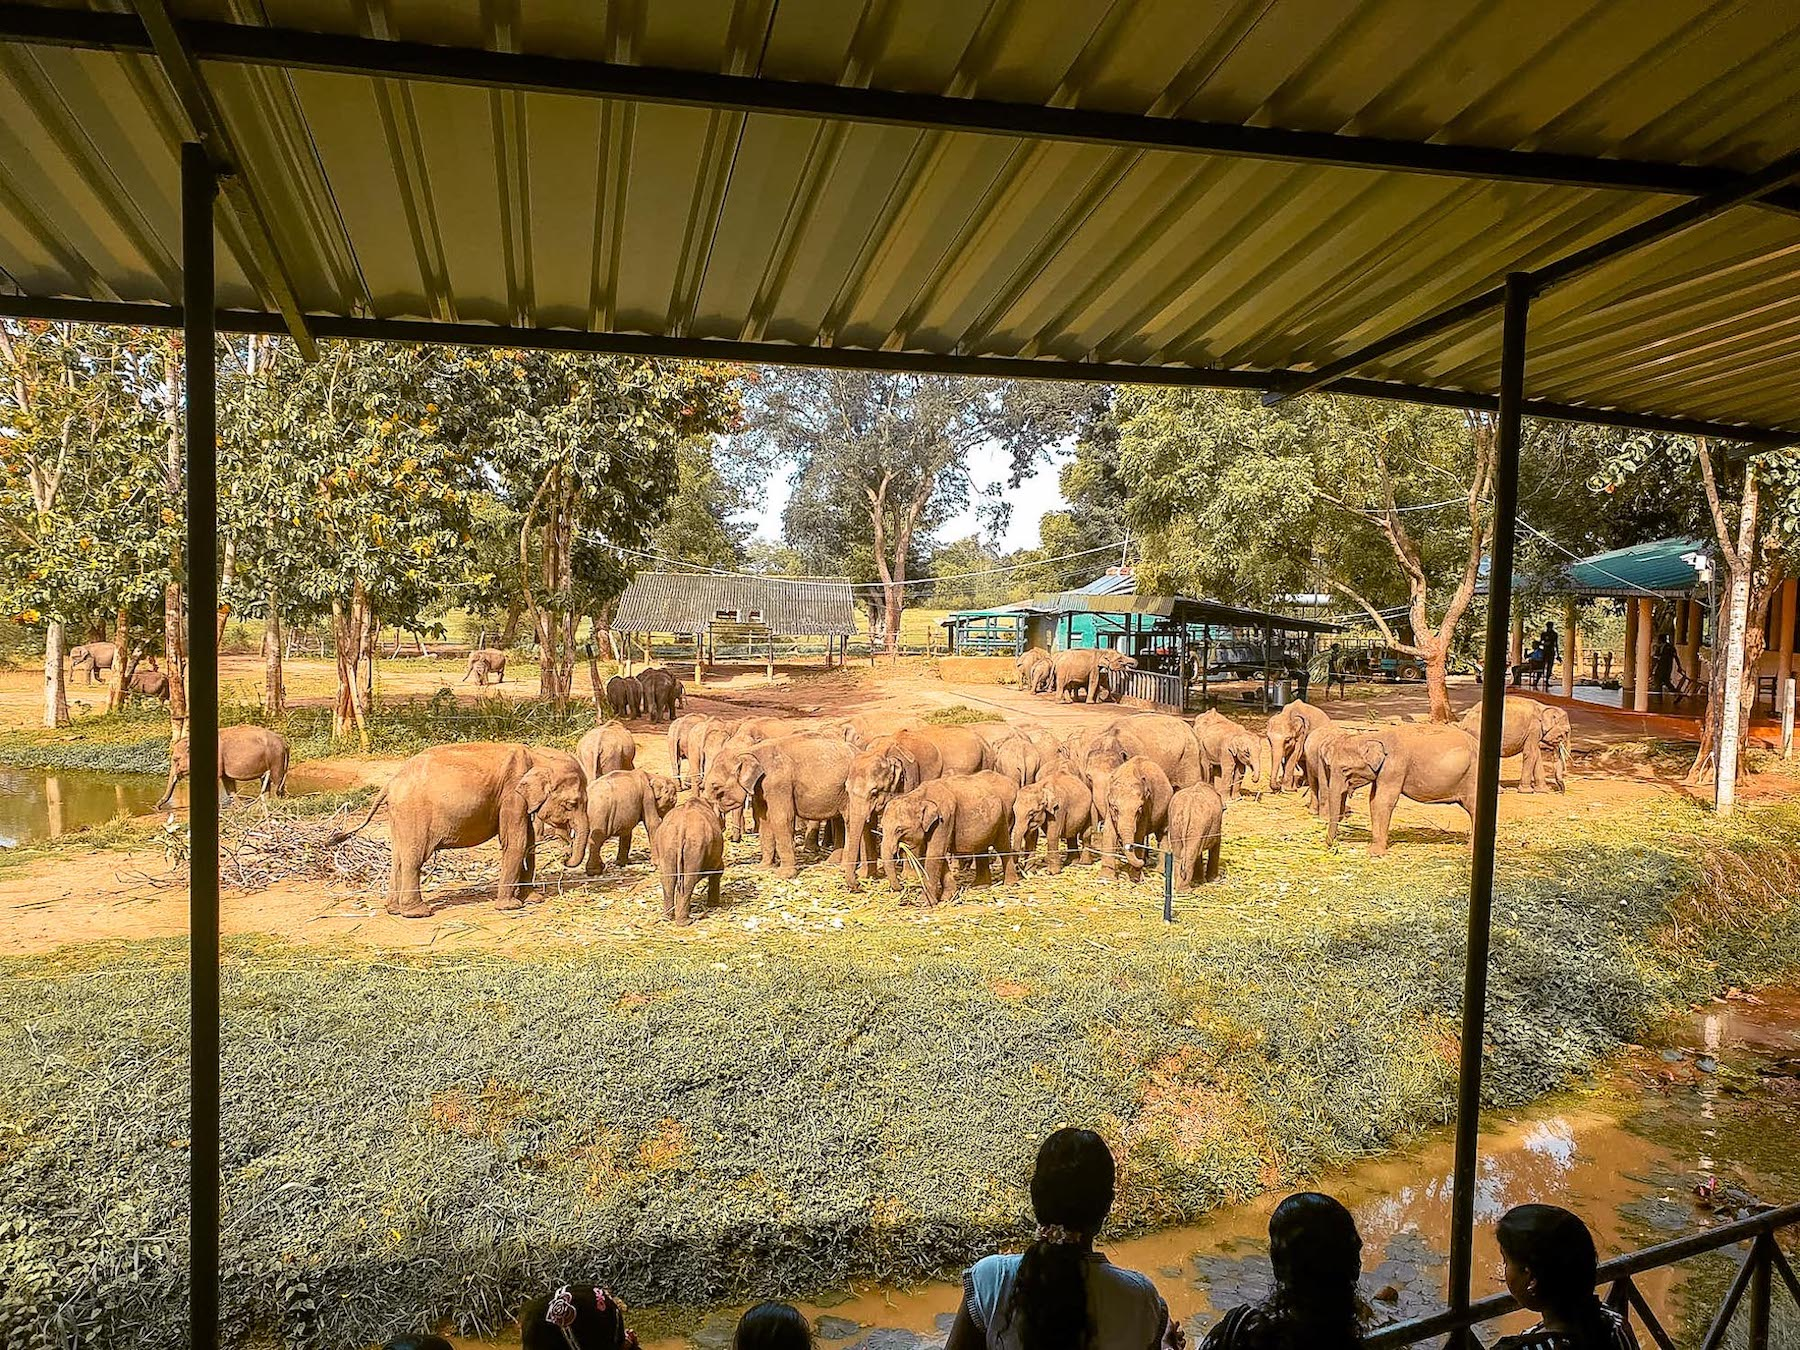 elephant transit home uda walawe